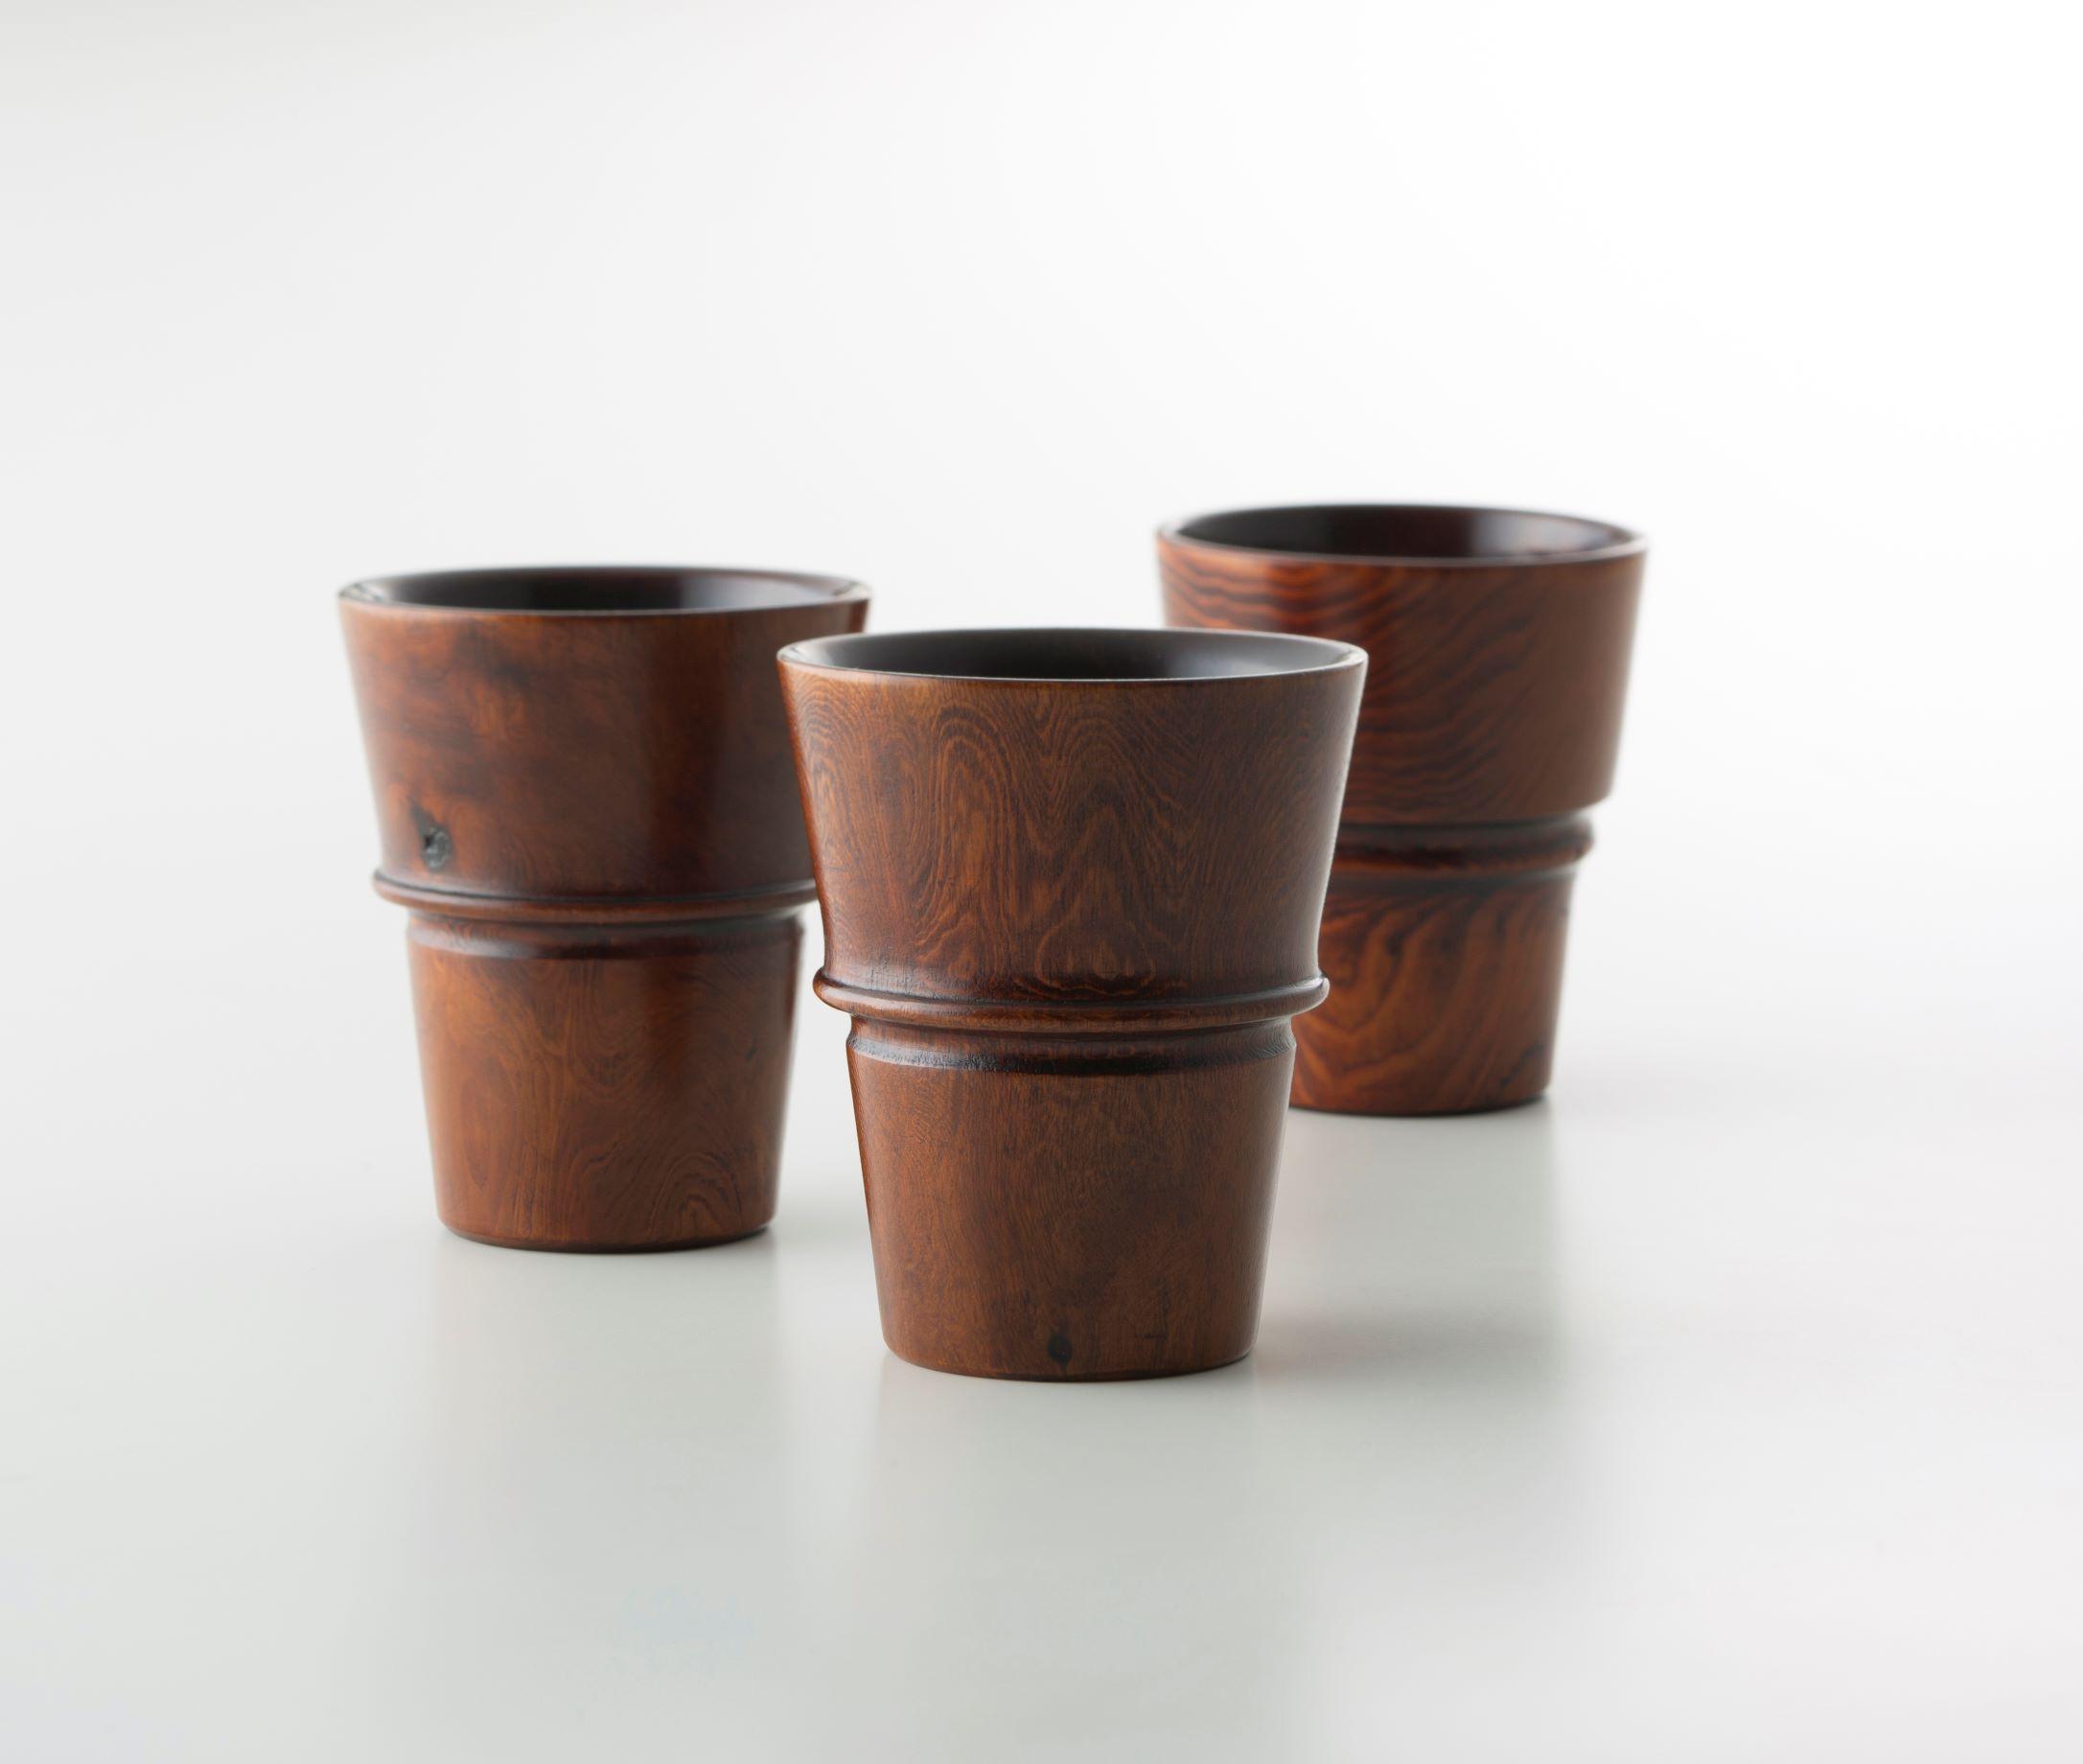 新商品発売開始・・・日光杉並木自由椀(フリーカップ)